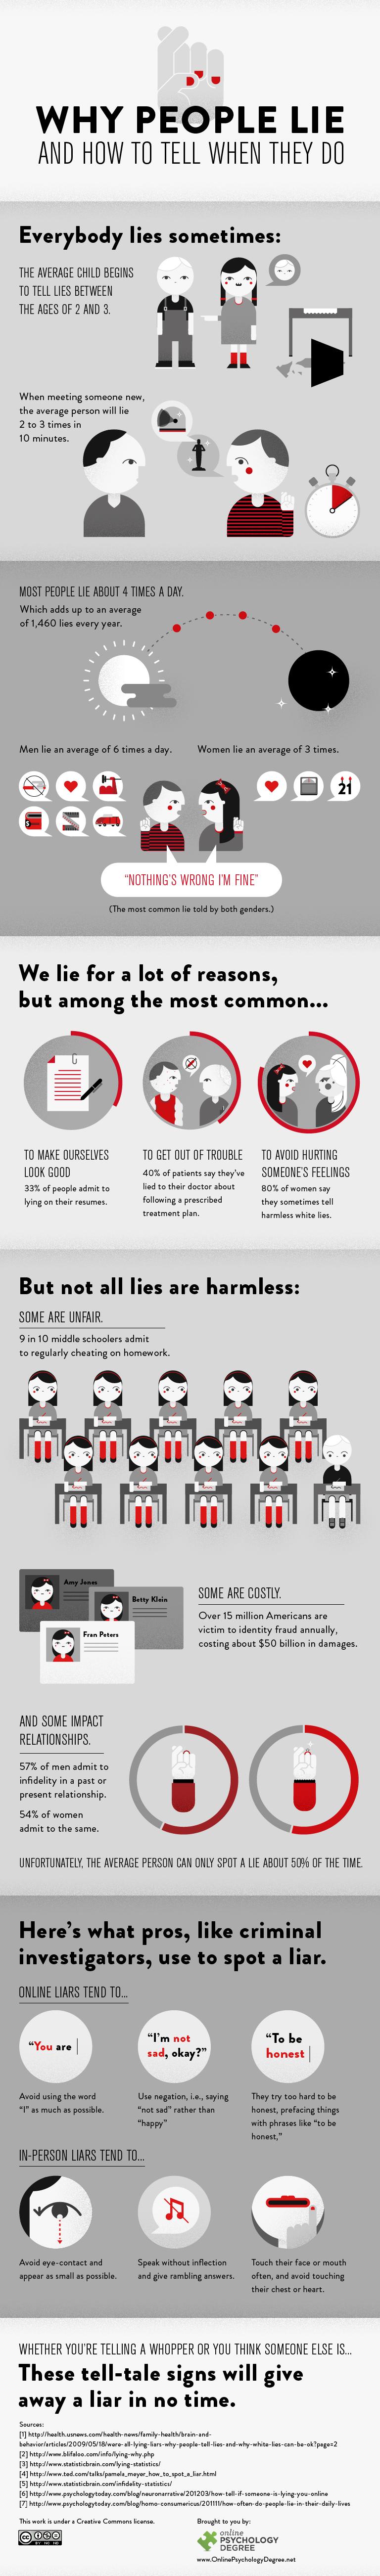 Reasons People Lie